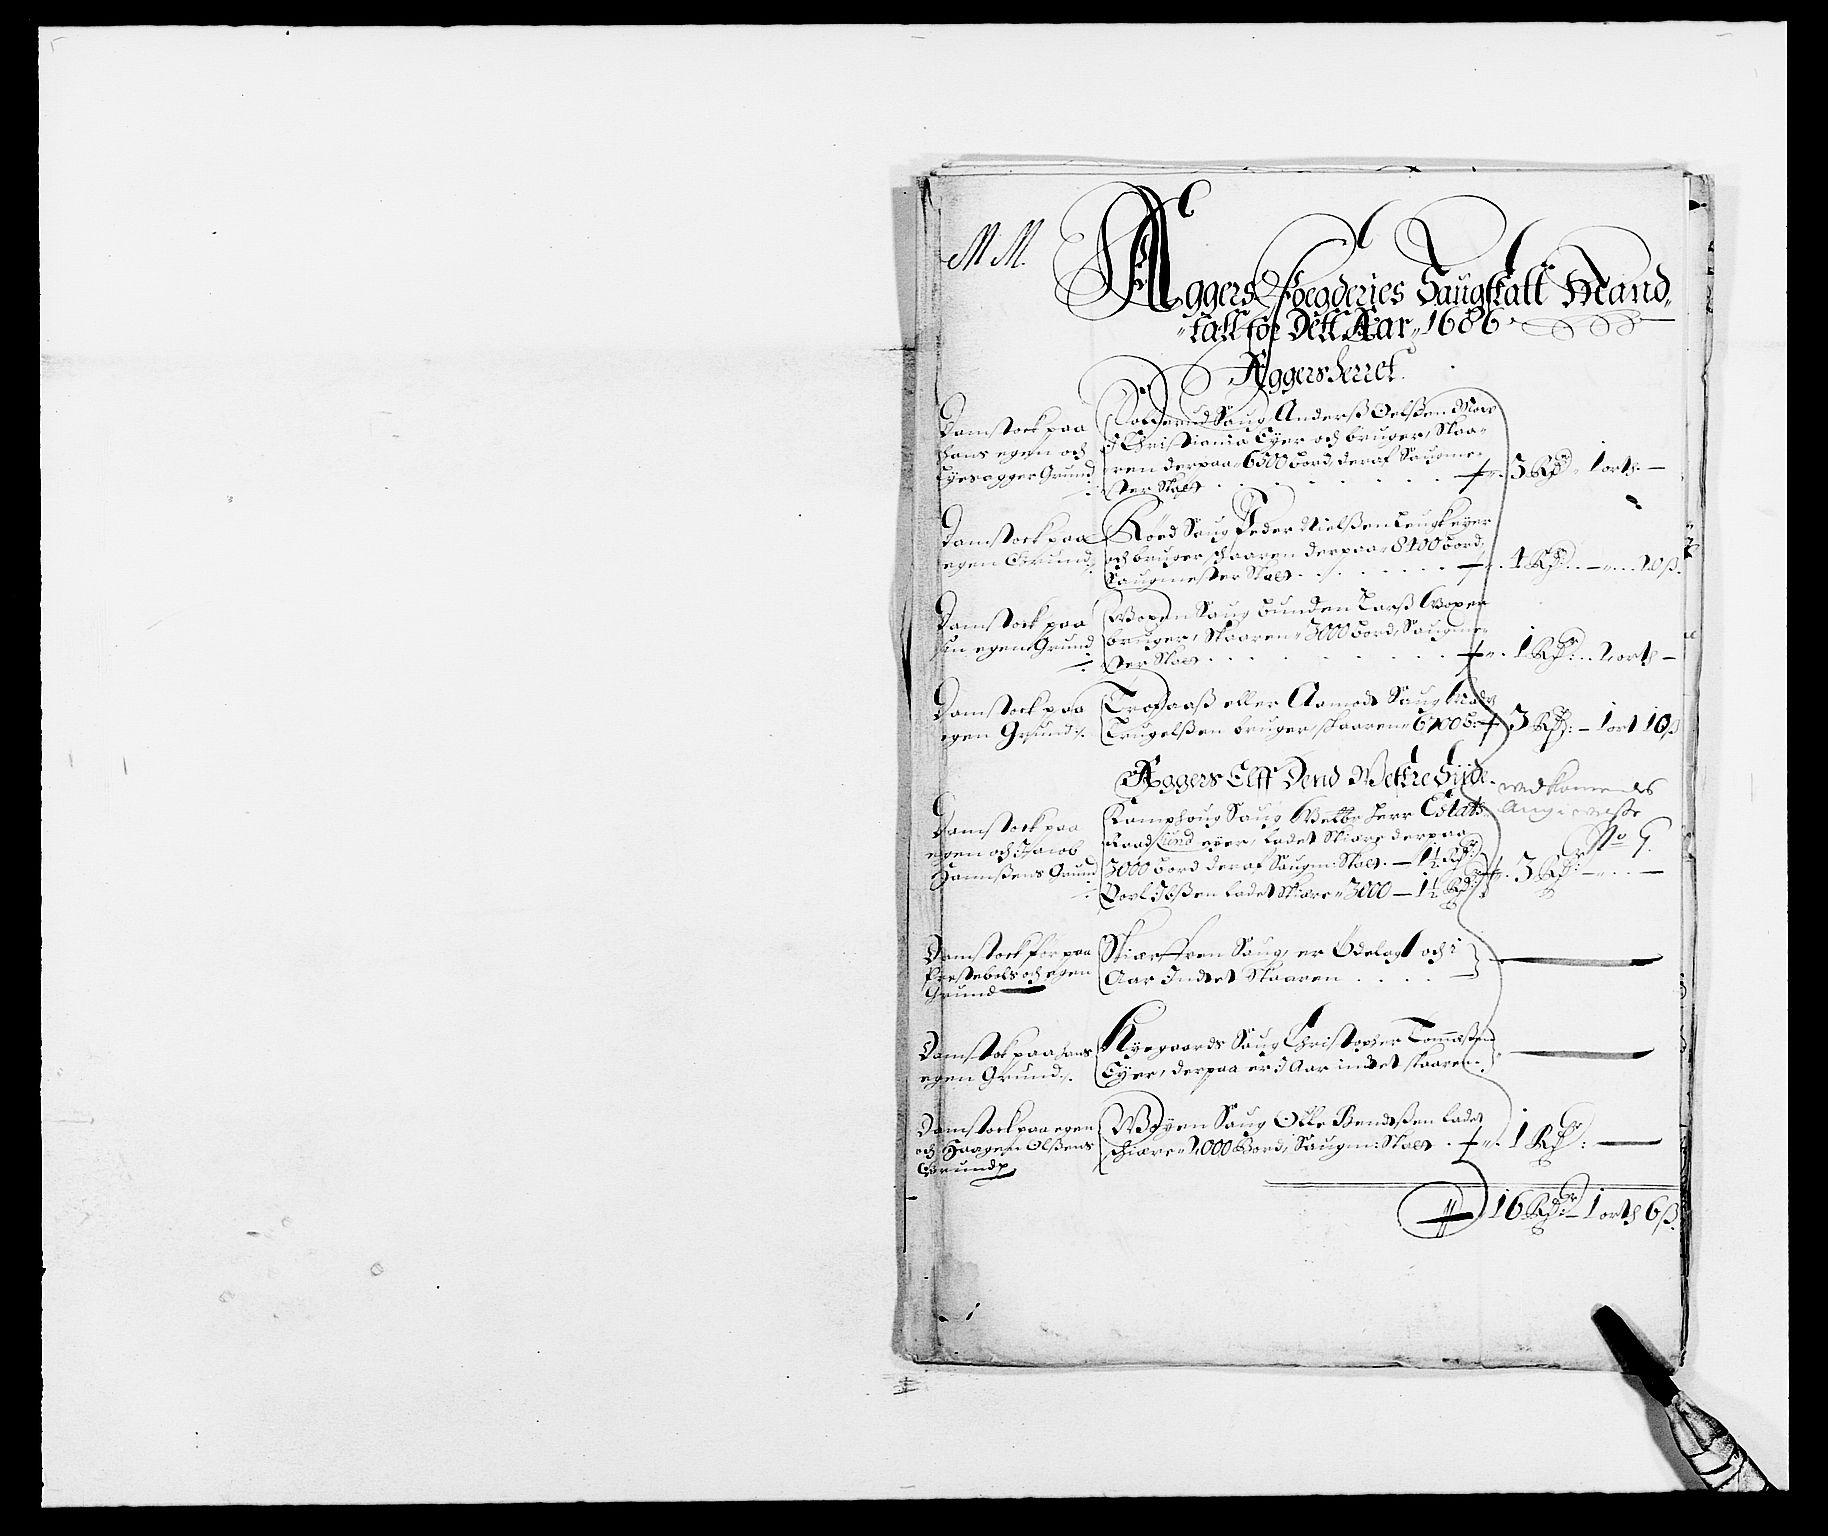 RA, Rentekammeret inntil 1814, Reviderte regnskaper, Fogderegnskap, R08/L0422: Fogderegnskap Aker, 1684-1686, s. 85